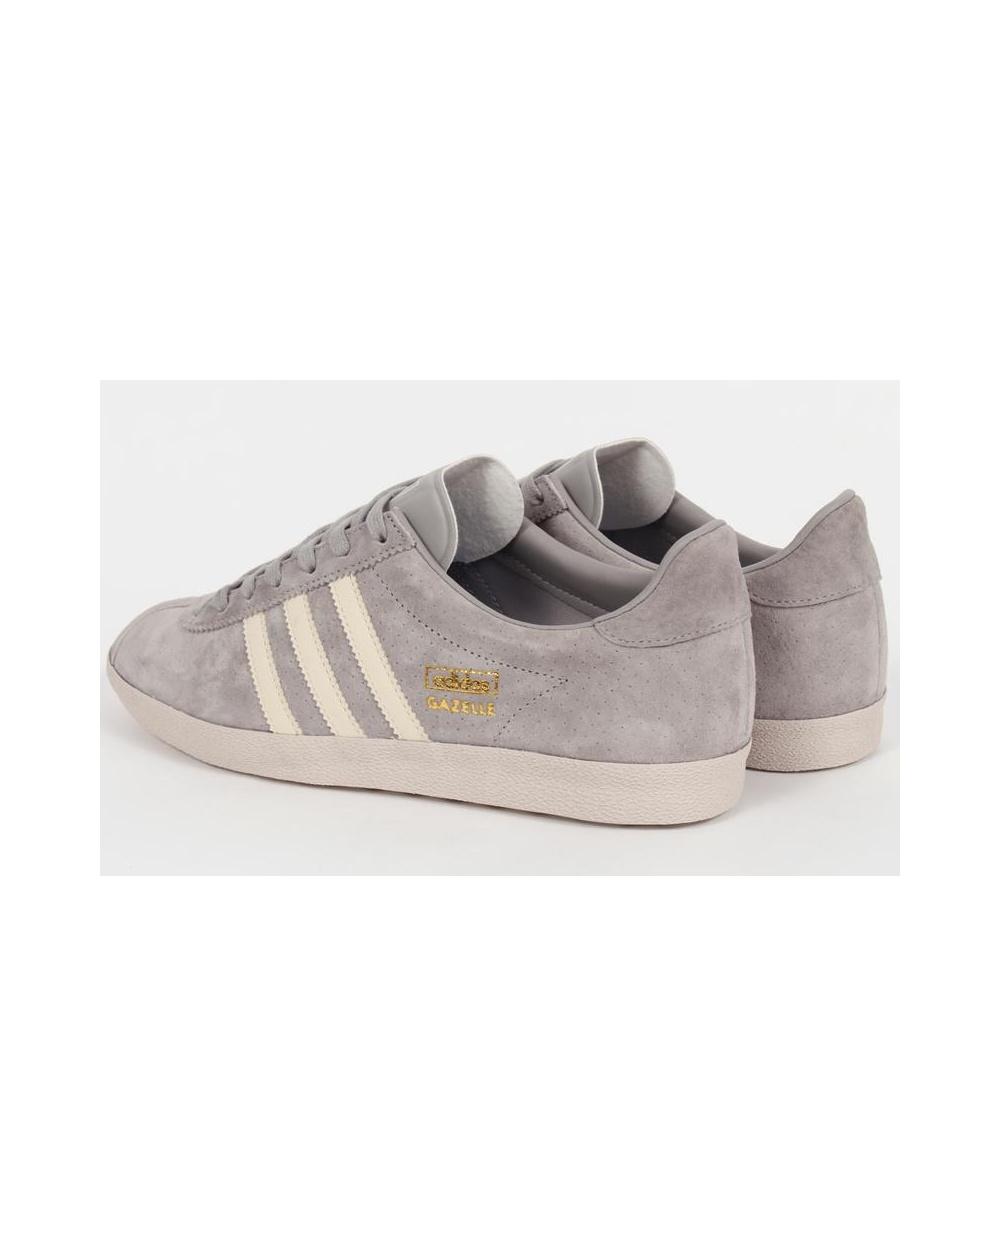 Adidas gazzella og formatori solid grey, originali gazzella og, grey